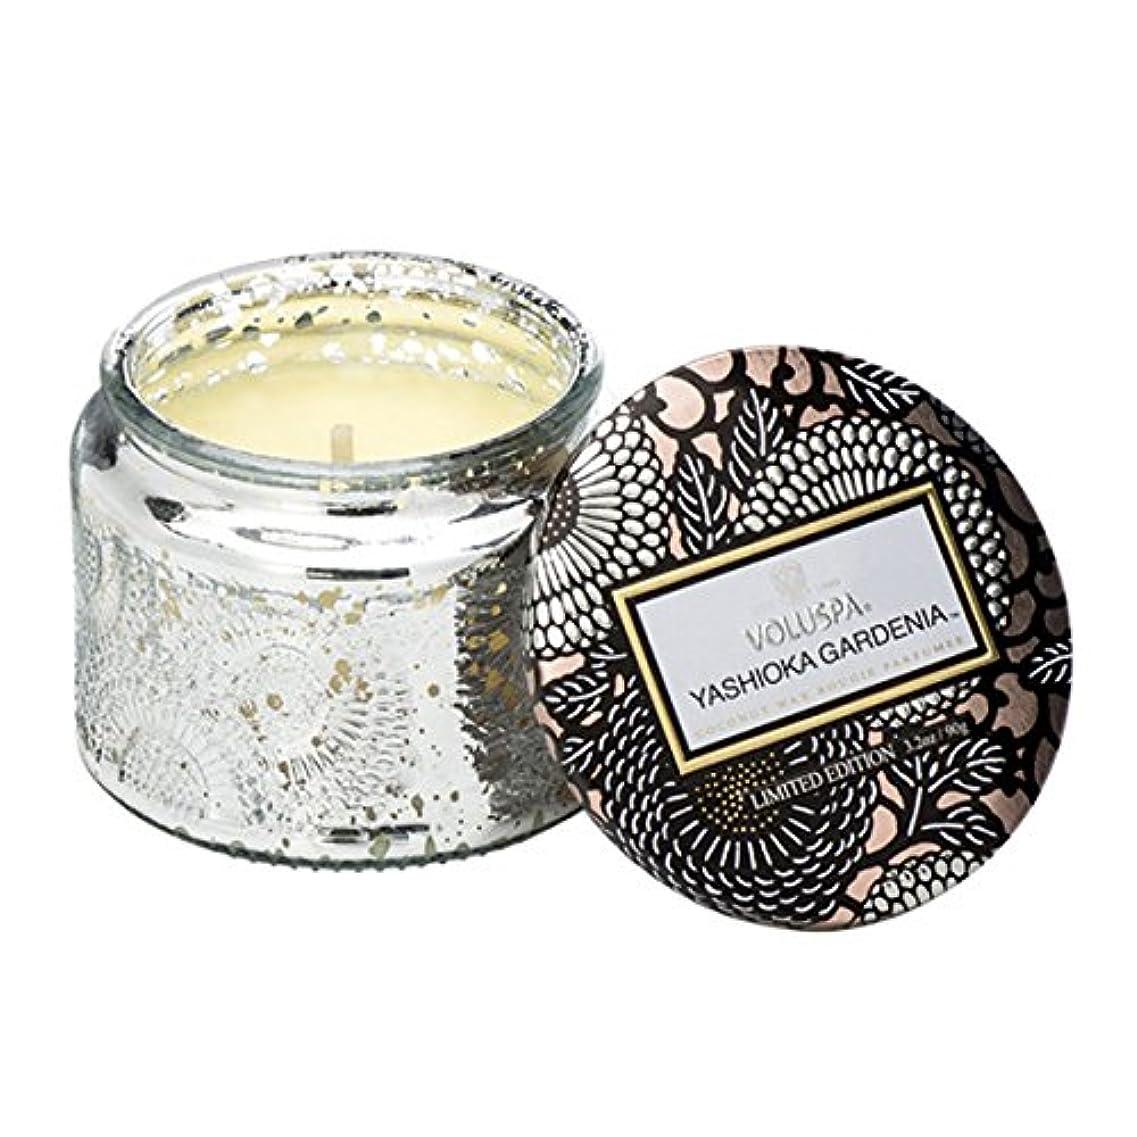 ゴールド終わり謝罪Voluspa ボルスパ ジャポニカ リミテッド グラスジャーキャンドル  S ヤシオカガーデニア YASHIOKA GARDENIA JAPONICA Limited PETITE EMBOSSED Glass jar candle